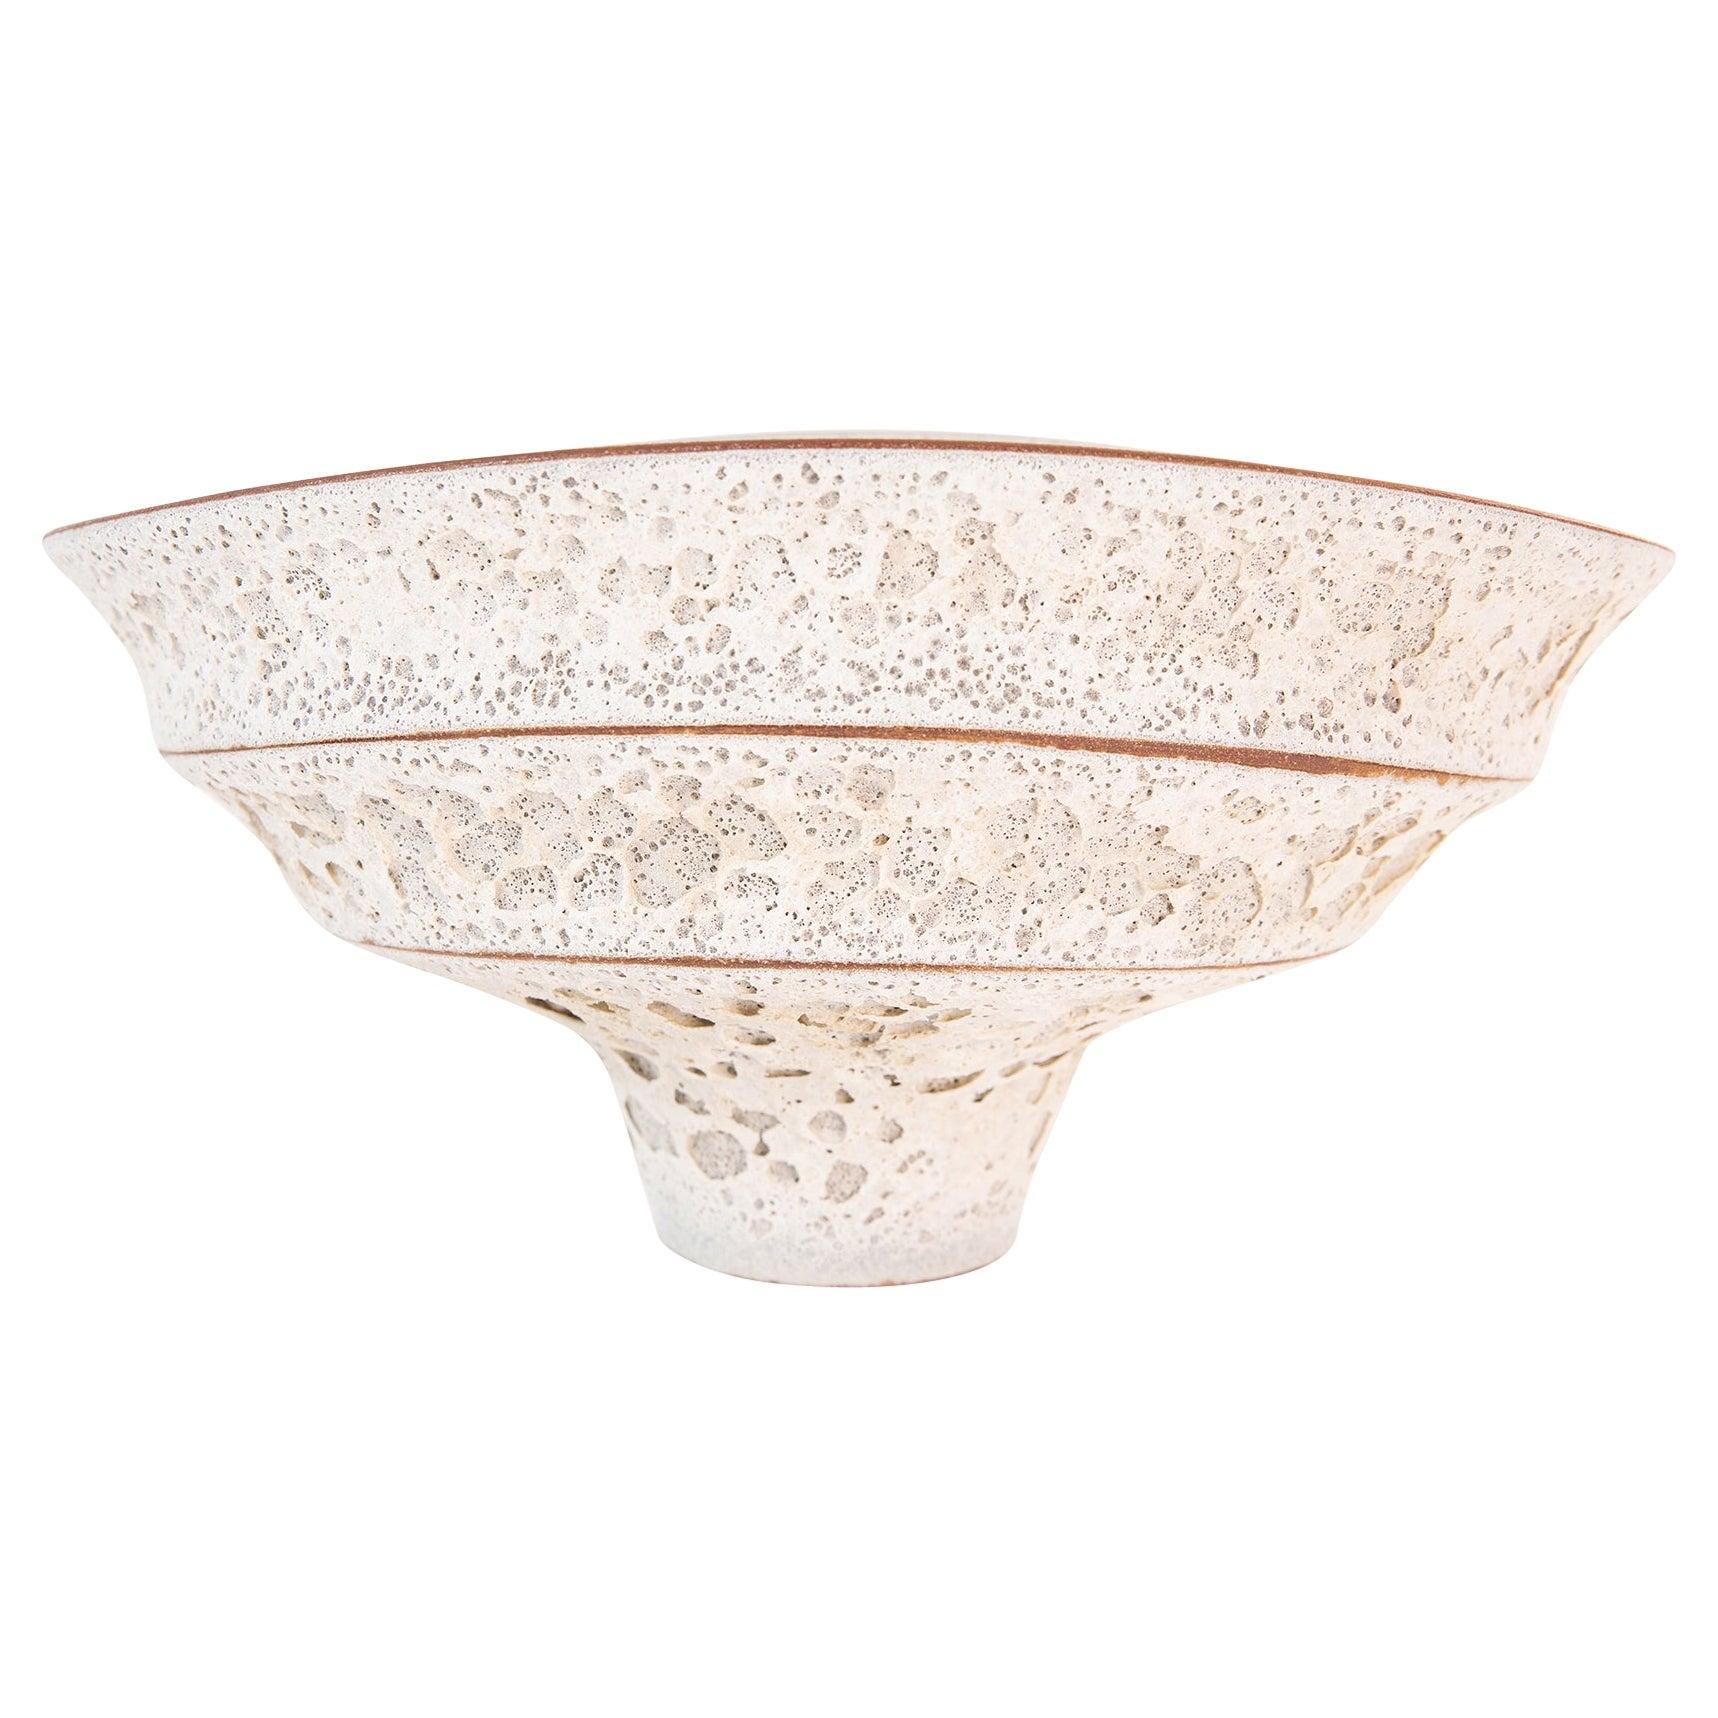 Jeremy Briddell Large Tiered Ceramic Bowl